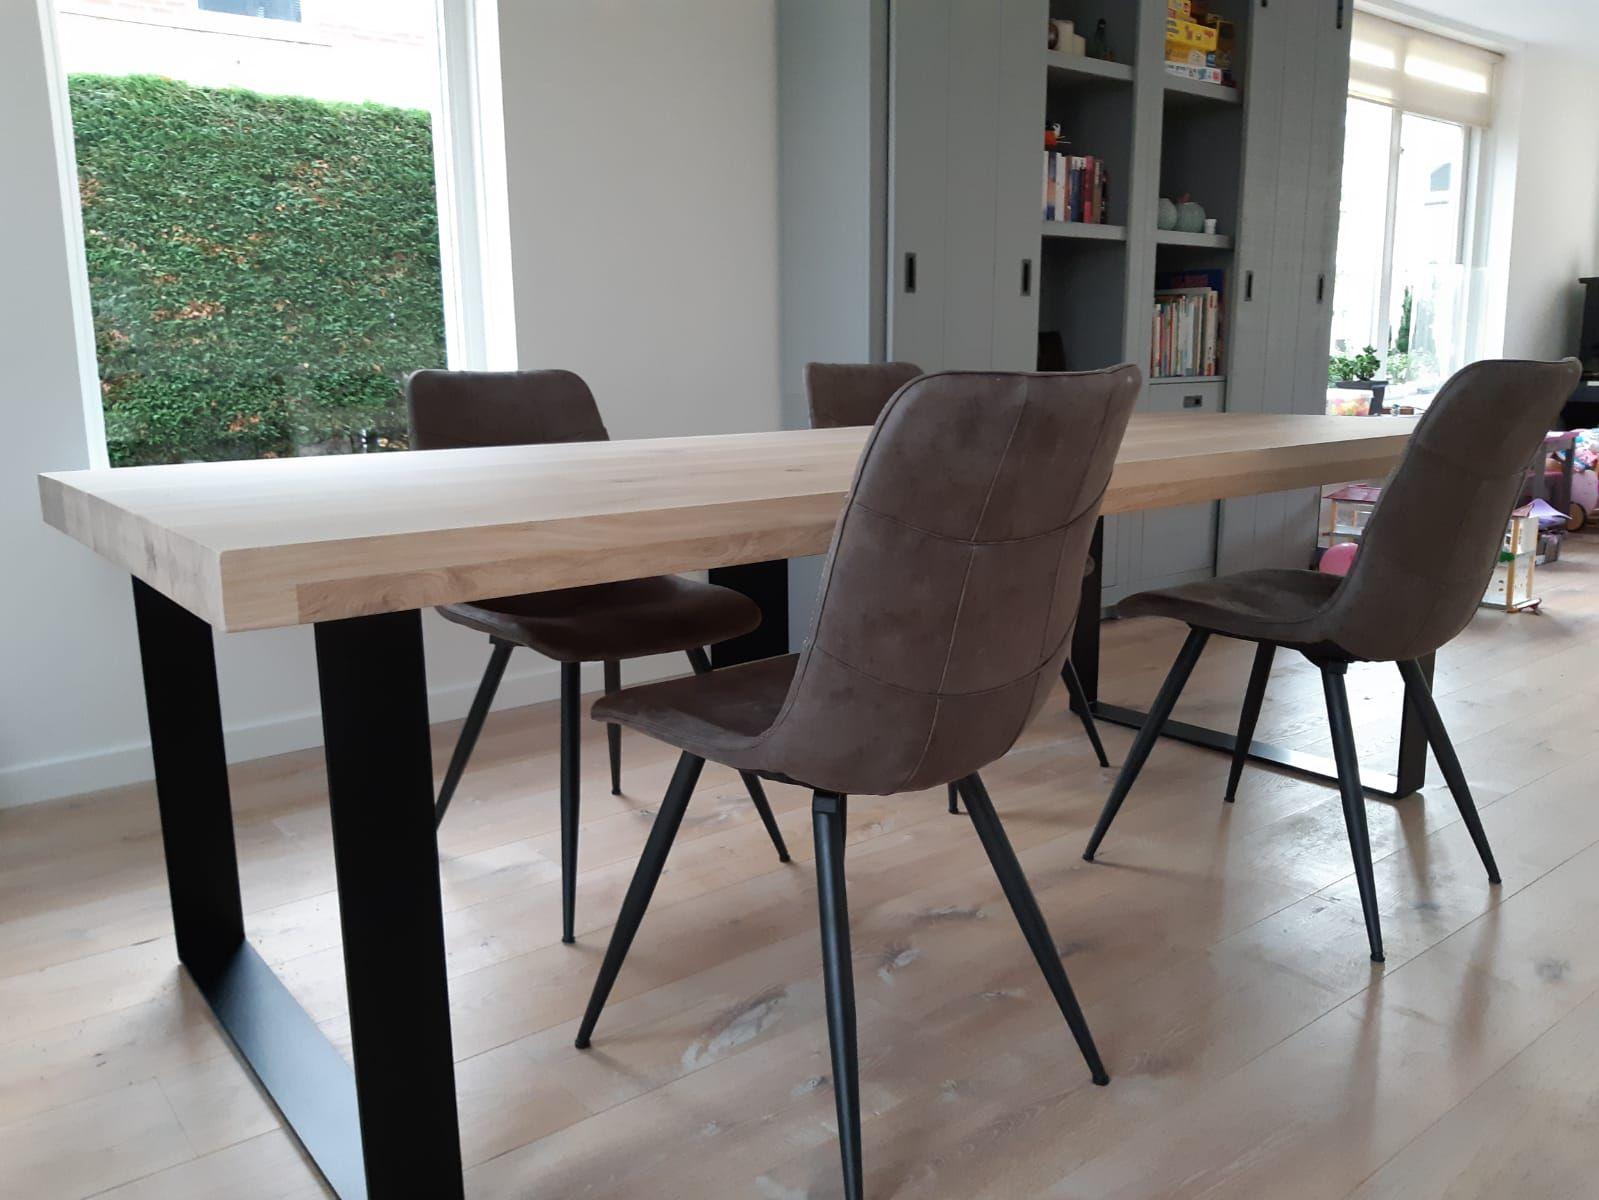 Opgedikt tafelblad op maat met stalen stip onderstel voor een